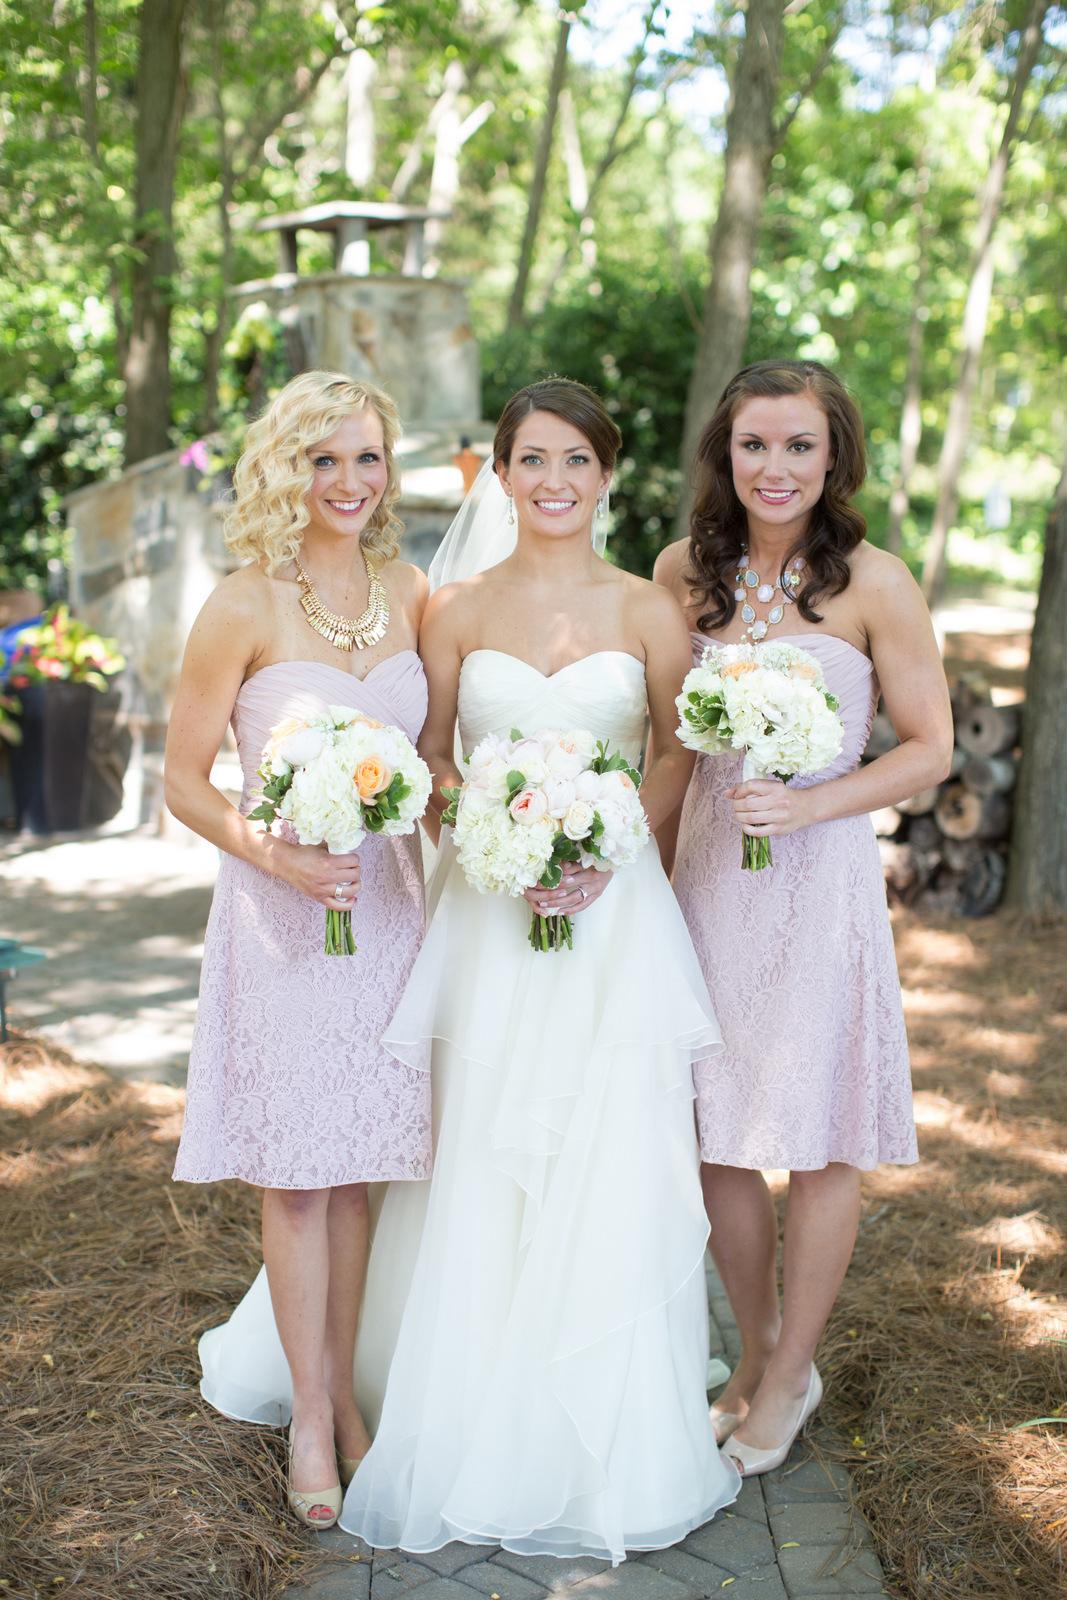 RyanKacie-weddingparty-1-40.jpg